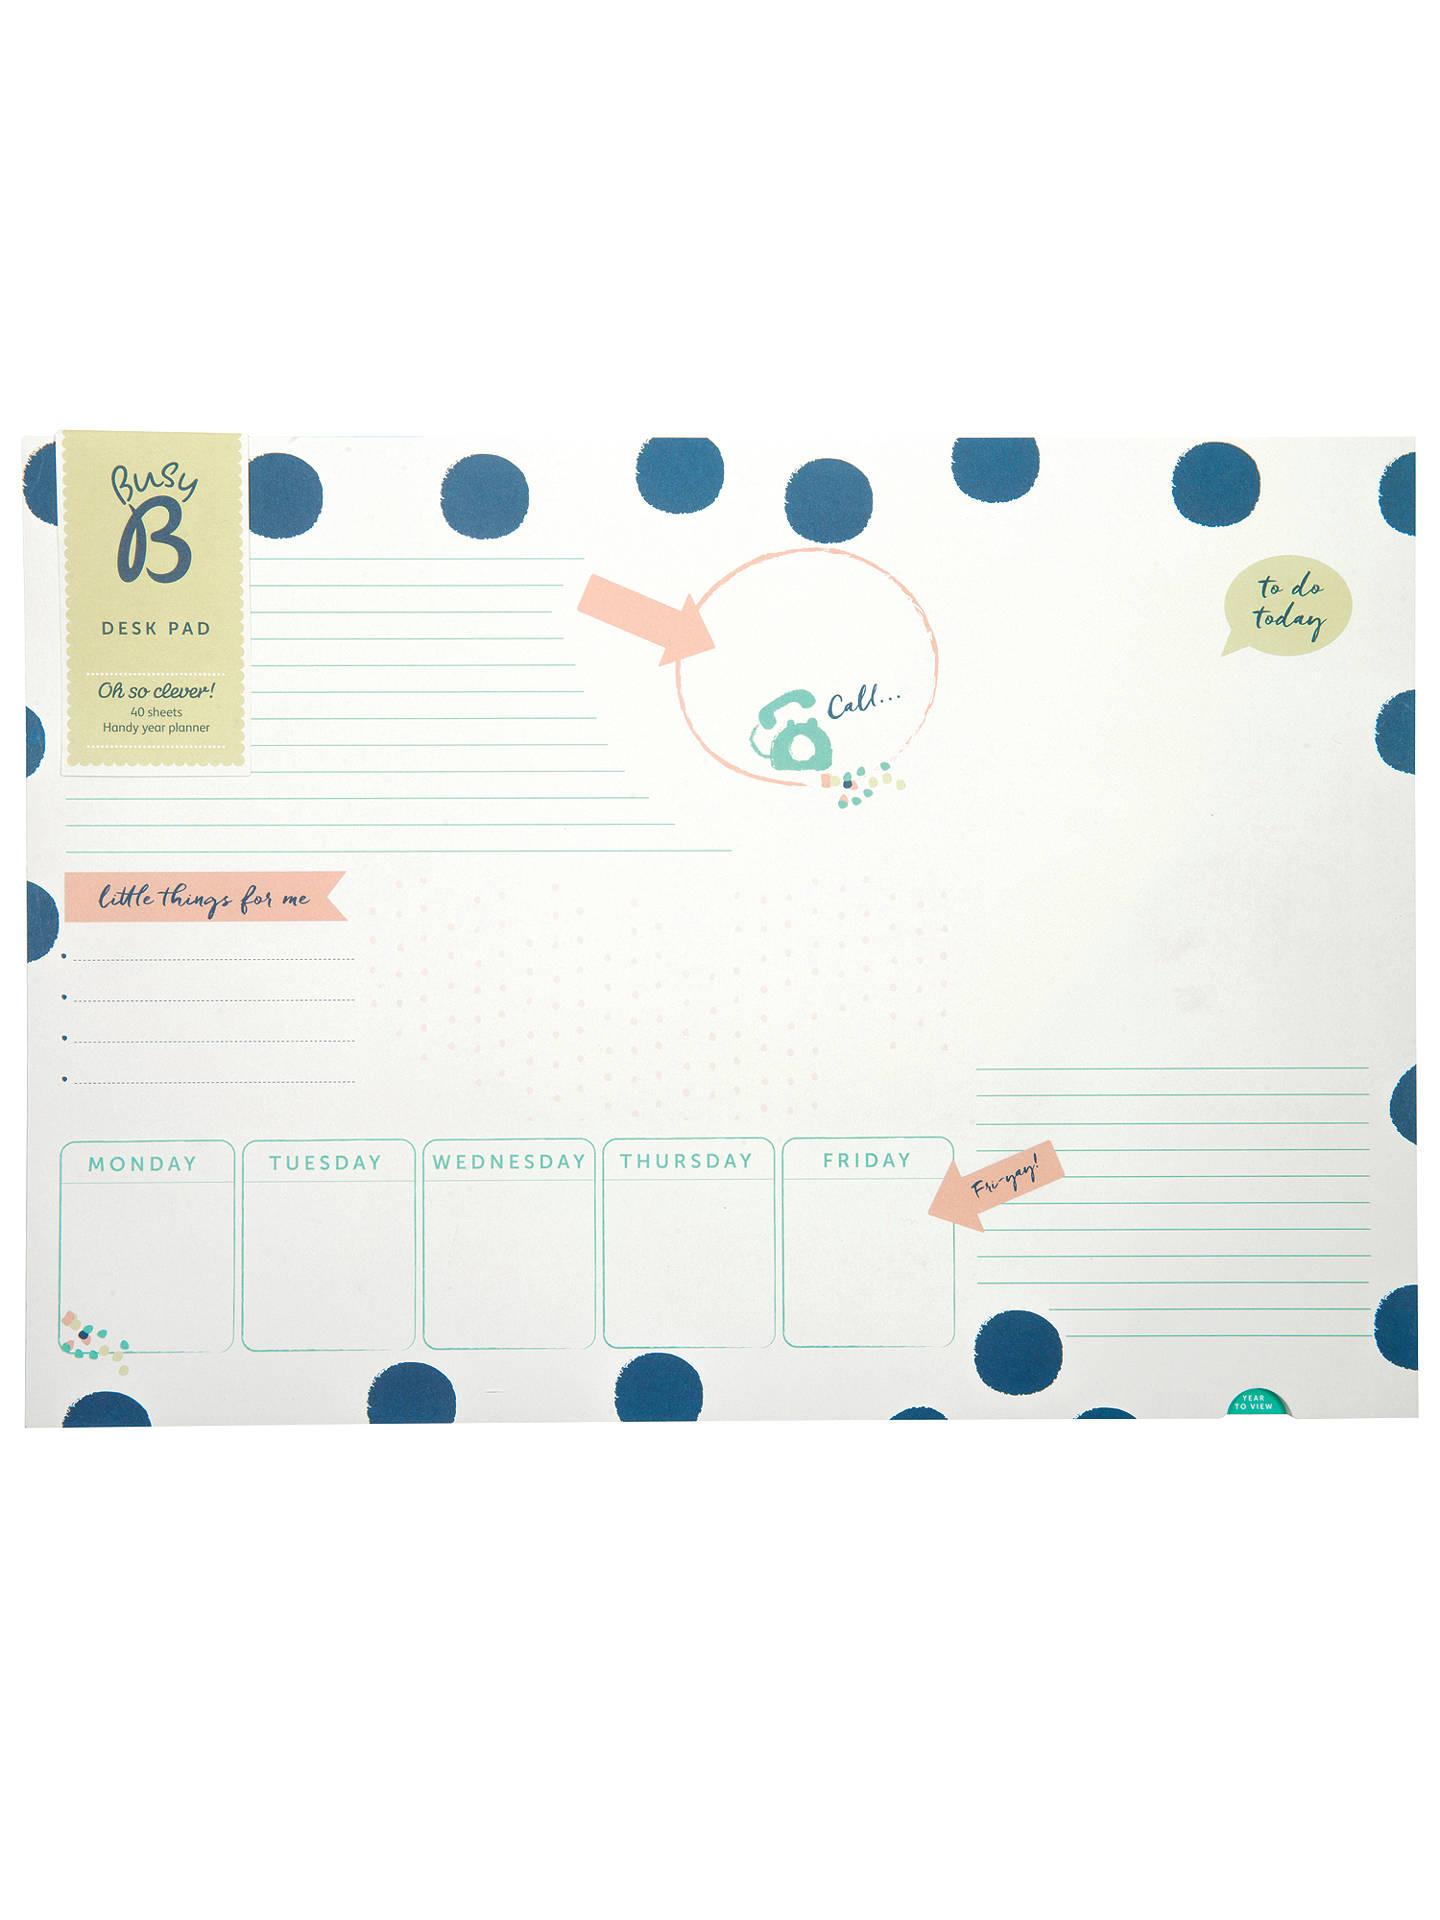 Busy B A3 Desk Pad